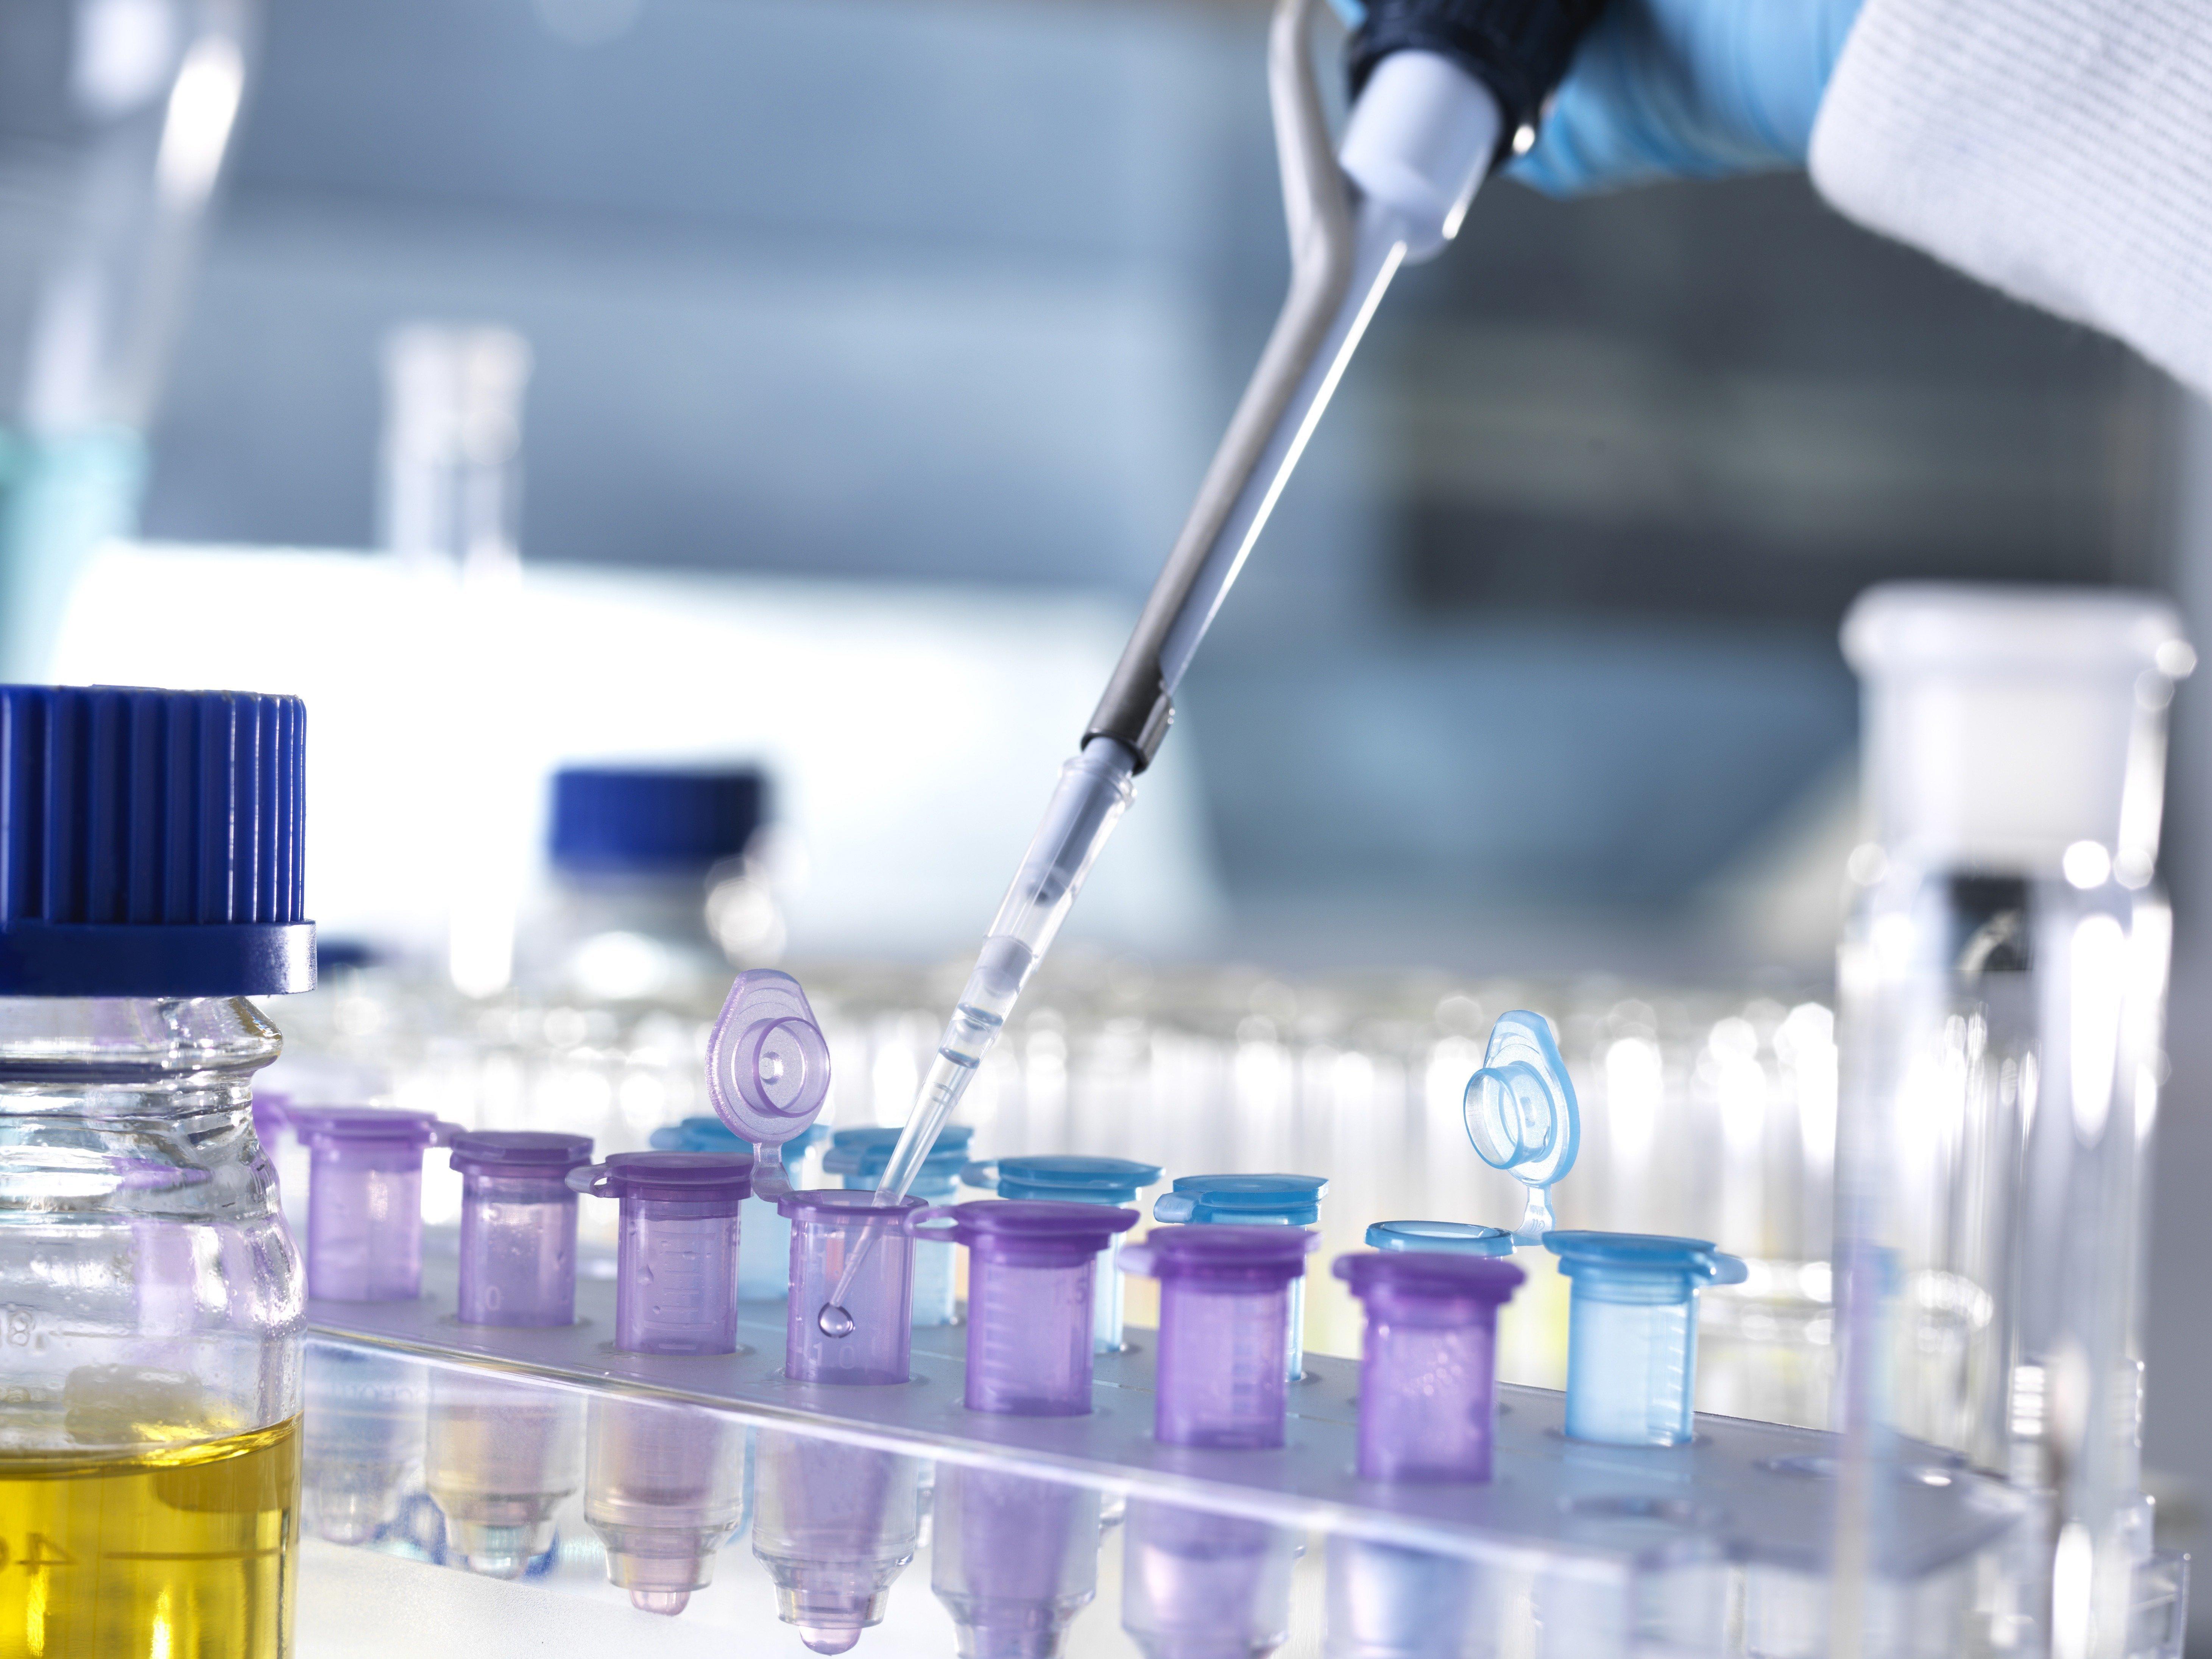 Le dépistage précoce prévient le cancer du col de l'utérus à